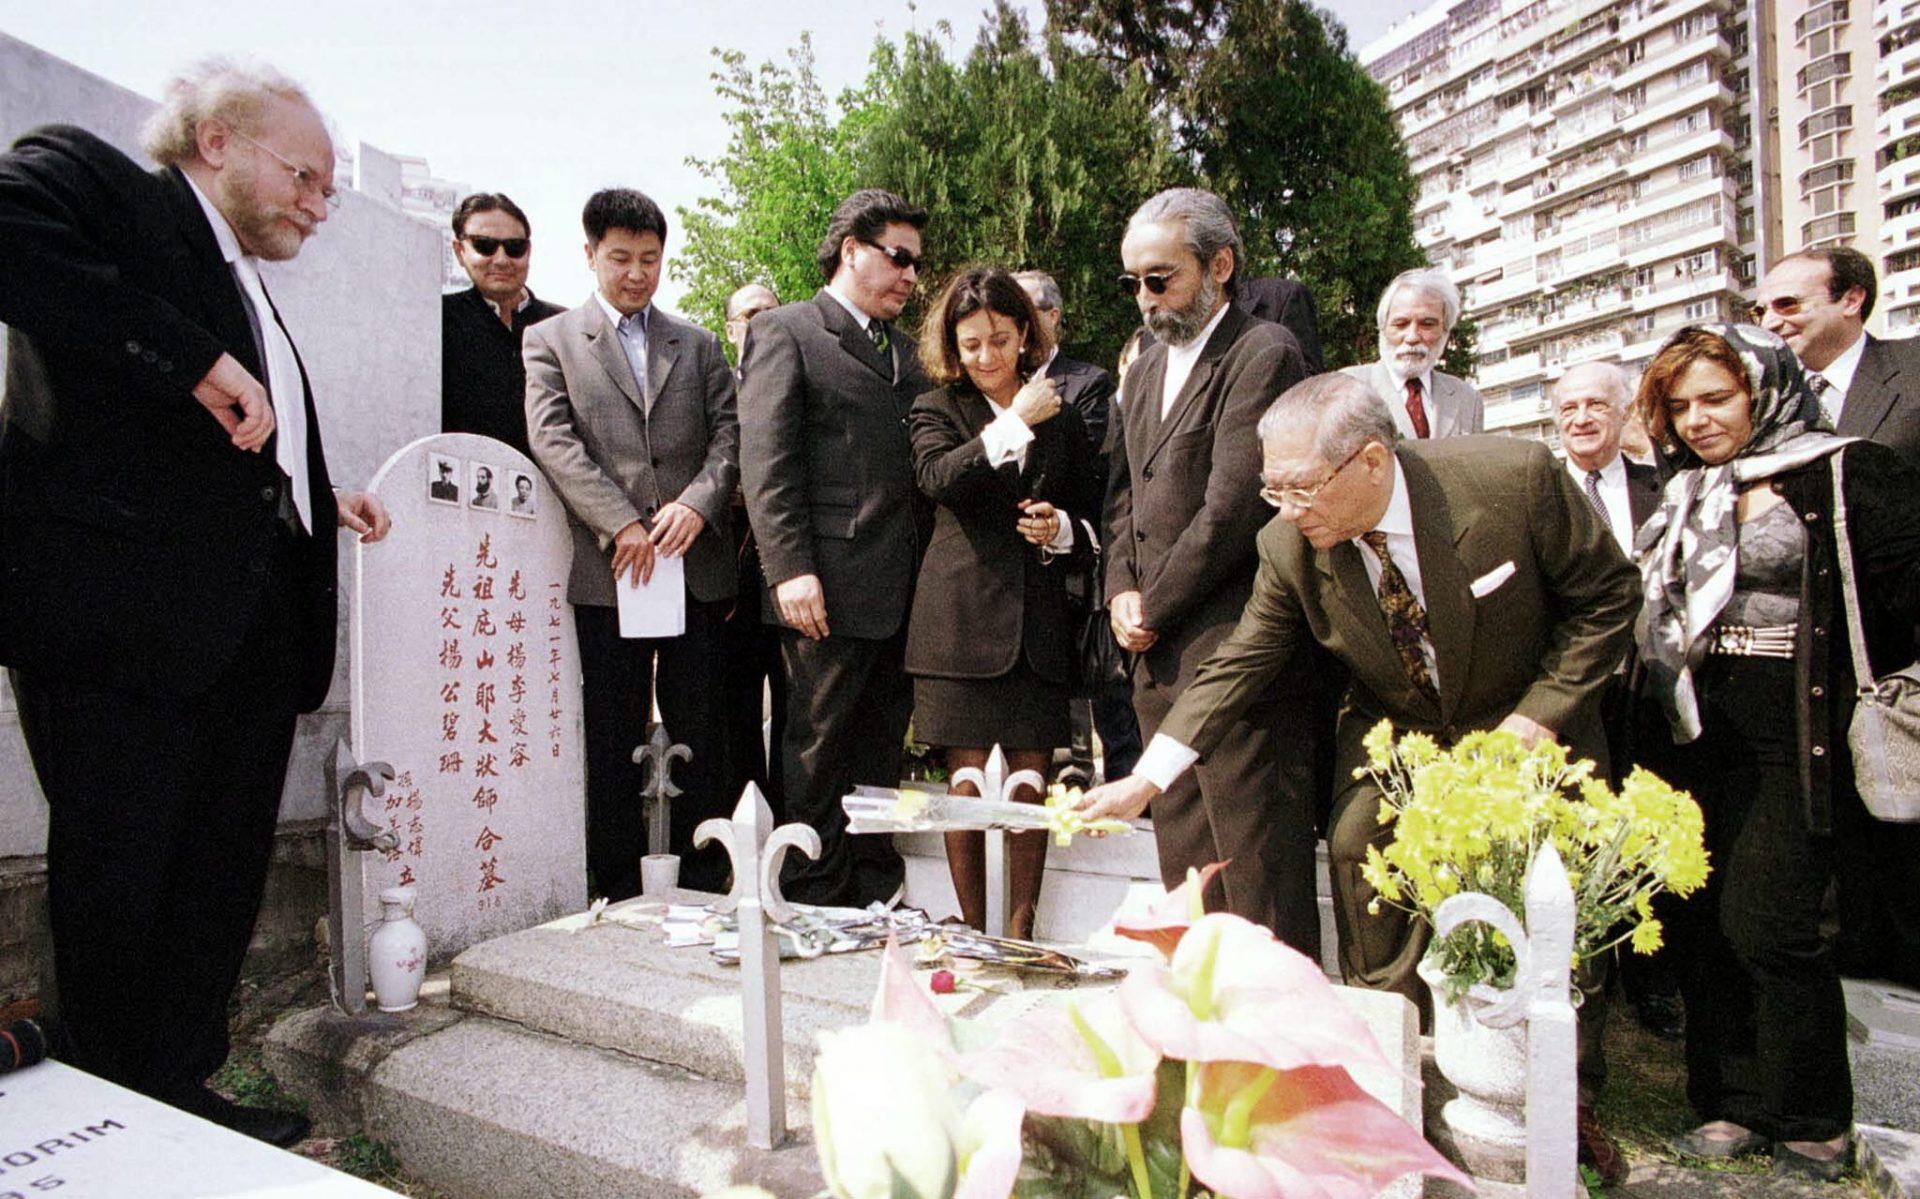 Homenagem ao poeta português Camilo Pessanha, que morreu em Macau, e que se encontra enterrado no cemitério de S. Miguel Arcanjo, em Macau. 01/03/1999. FOTO LIM CHOI/LUSA